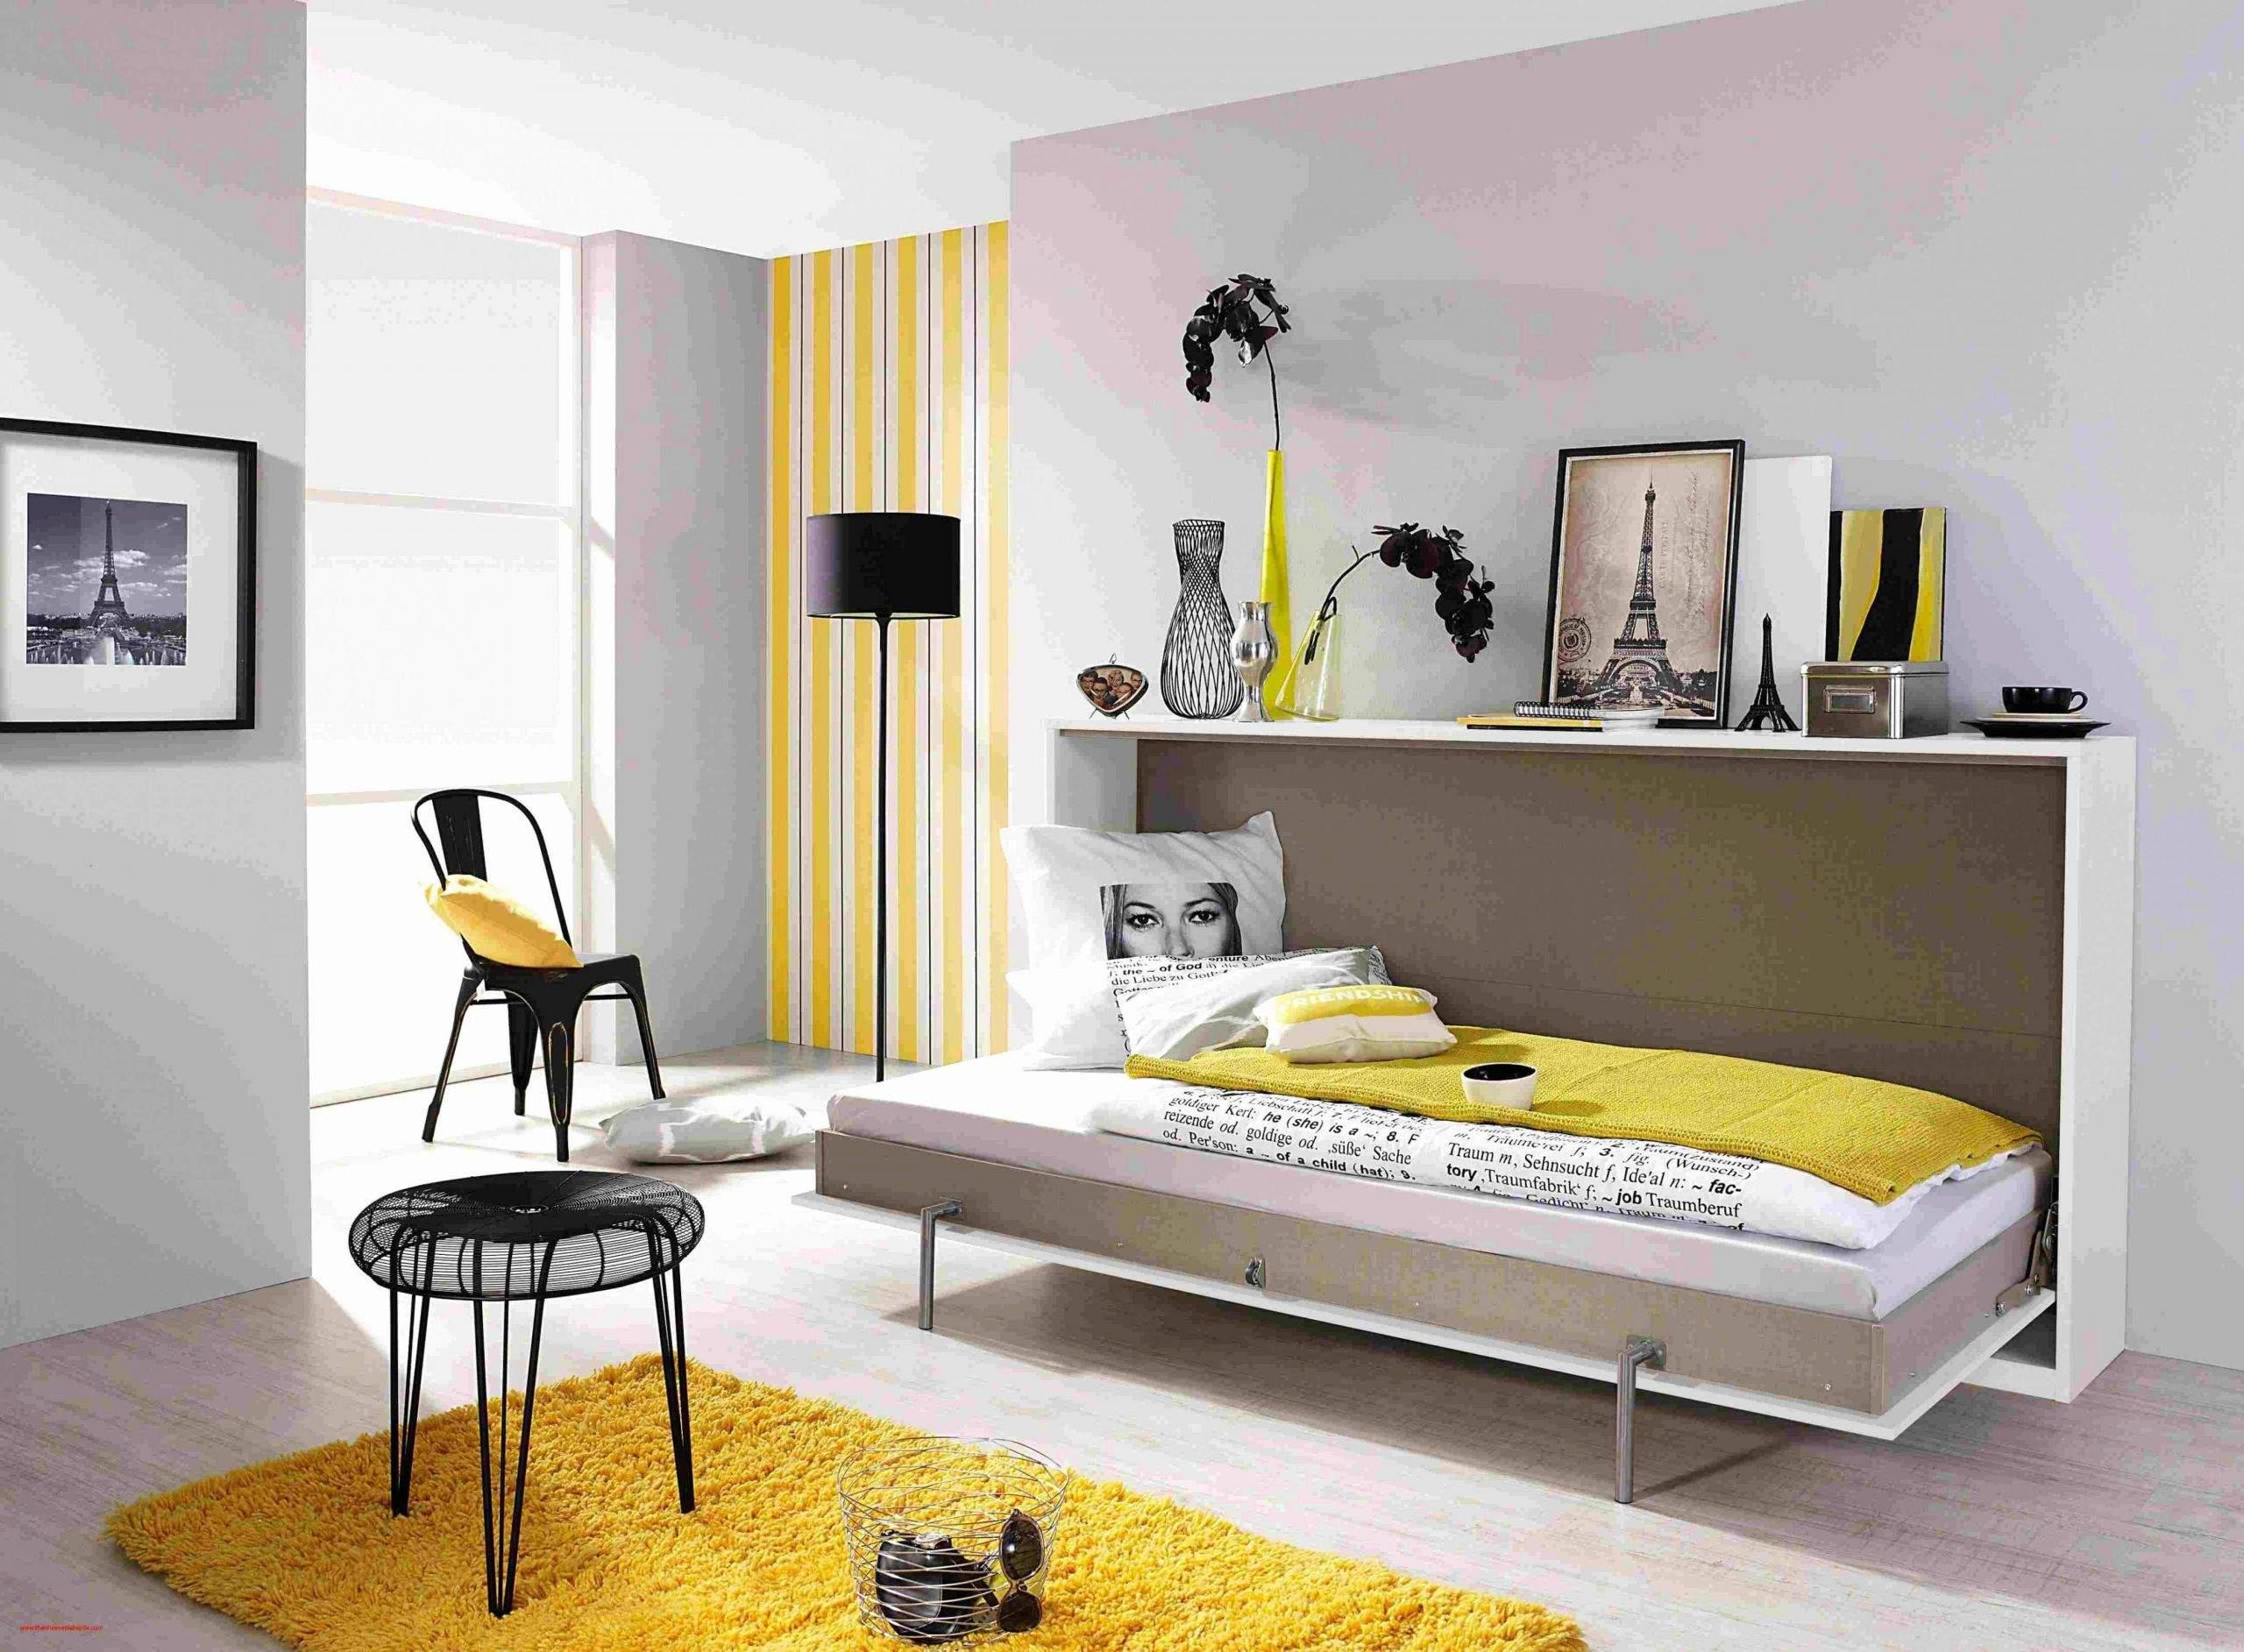 buro im wohnzimmer reizend awesome wohnzimmer ideen grun ideas of buro im wohnzimmer scaled